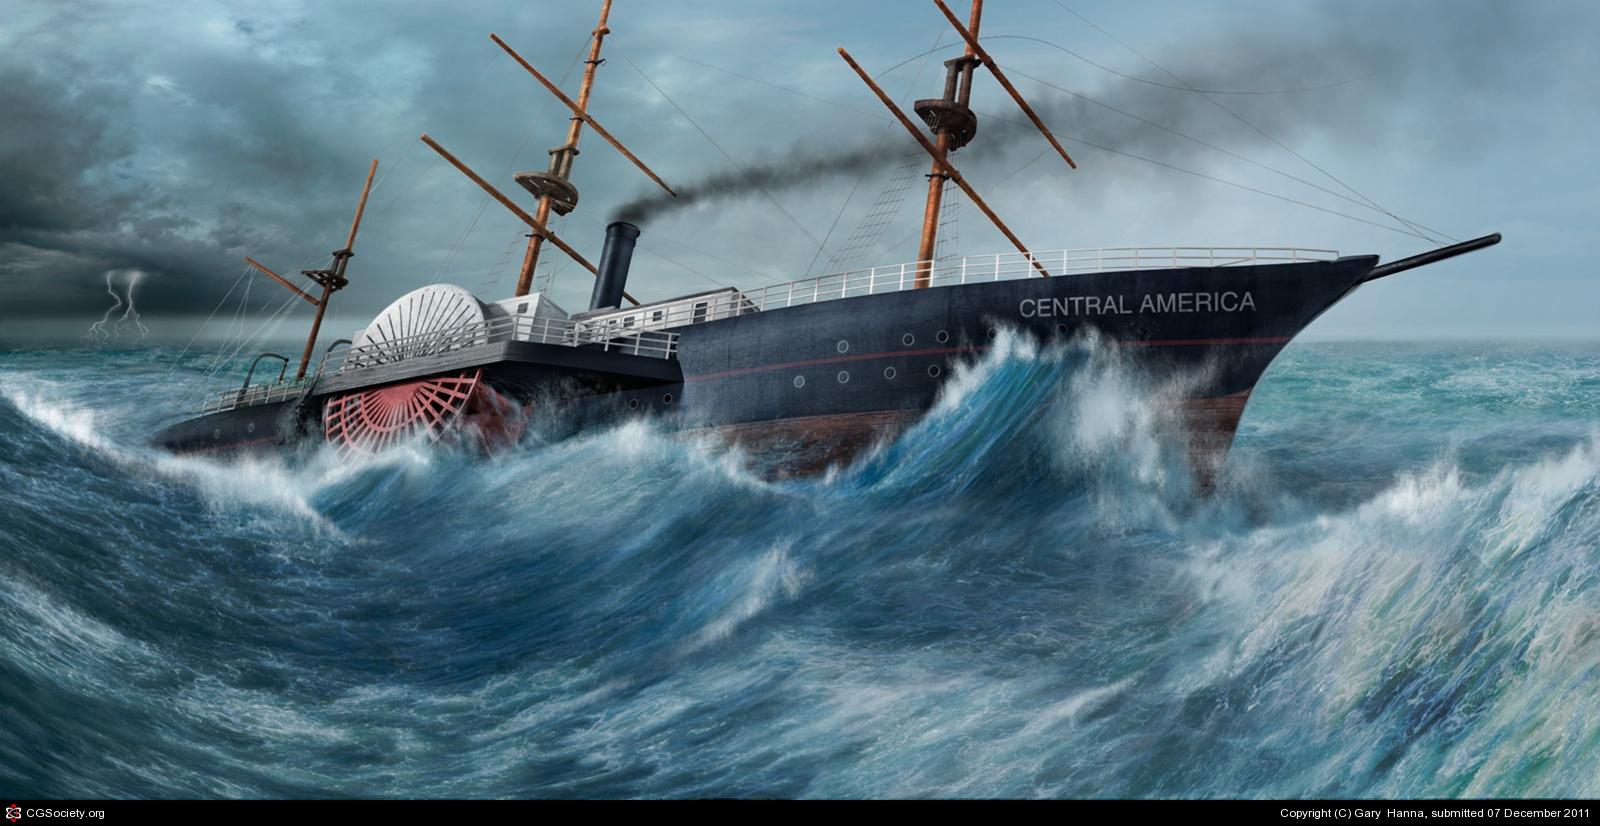 Több mint 27 kilogrammnyi aranykincset hoztak fel a kaliforniai aranyláz idején elsüllyedt hajóból